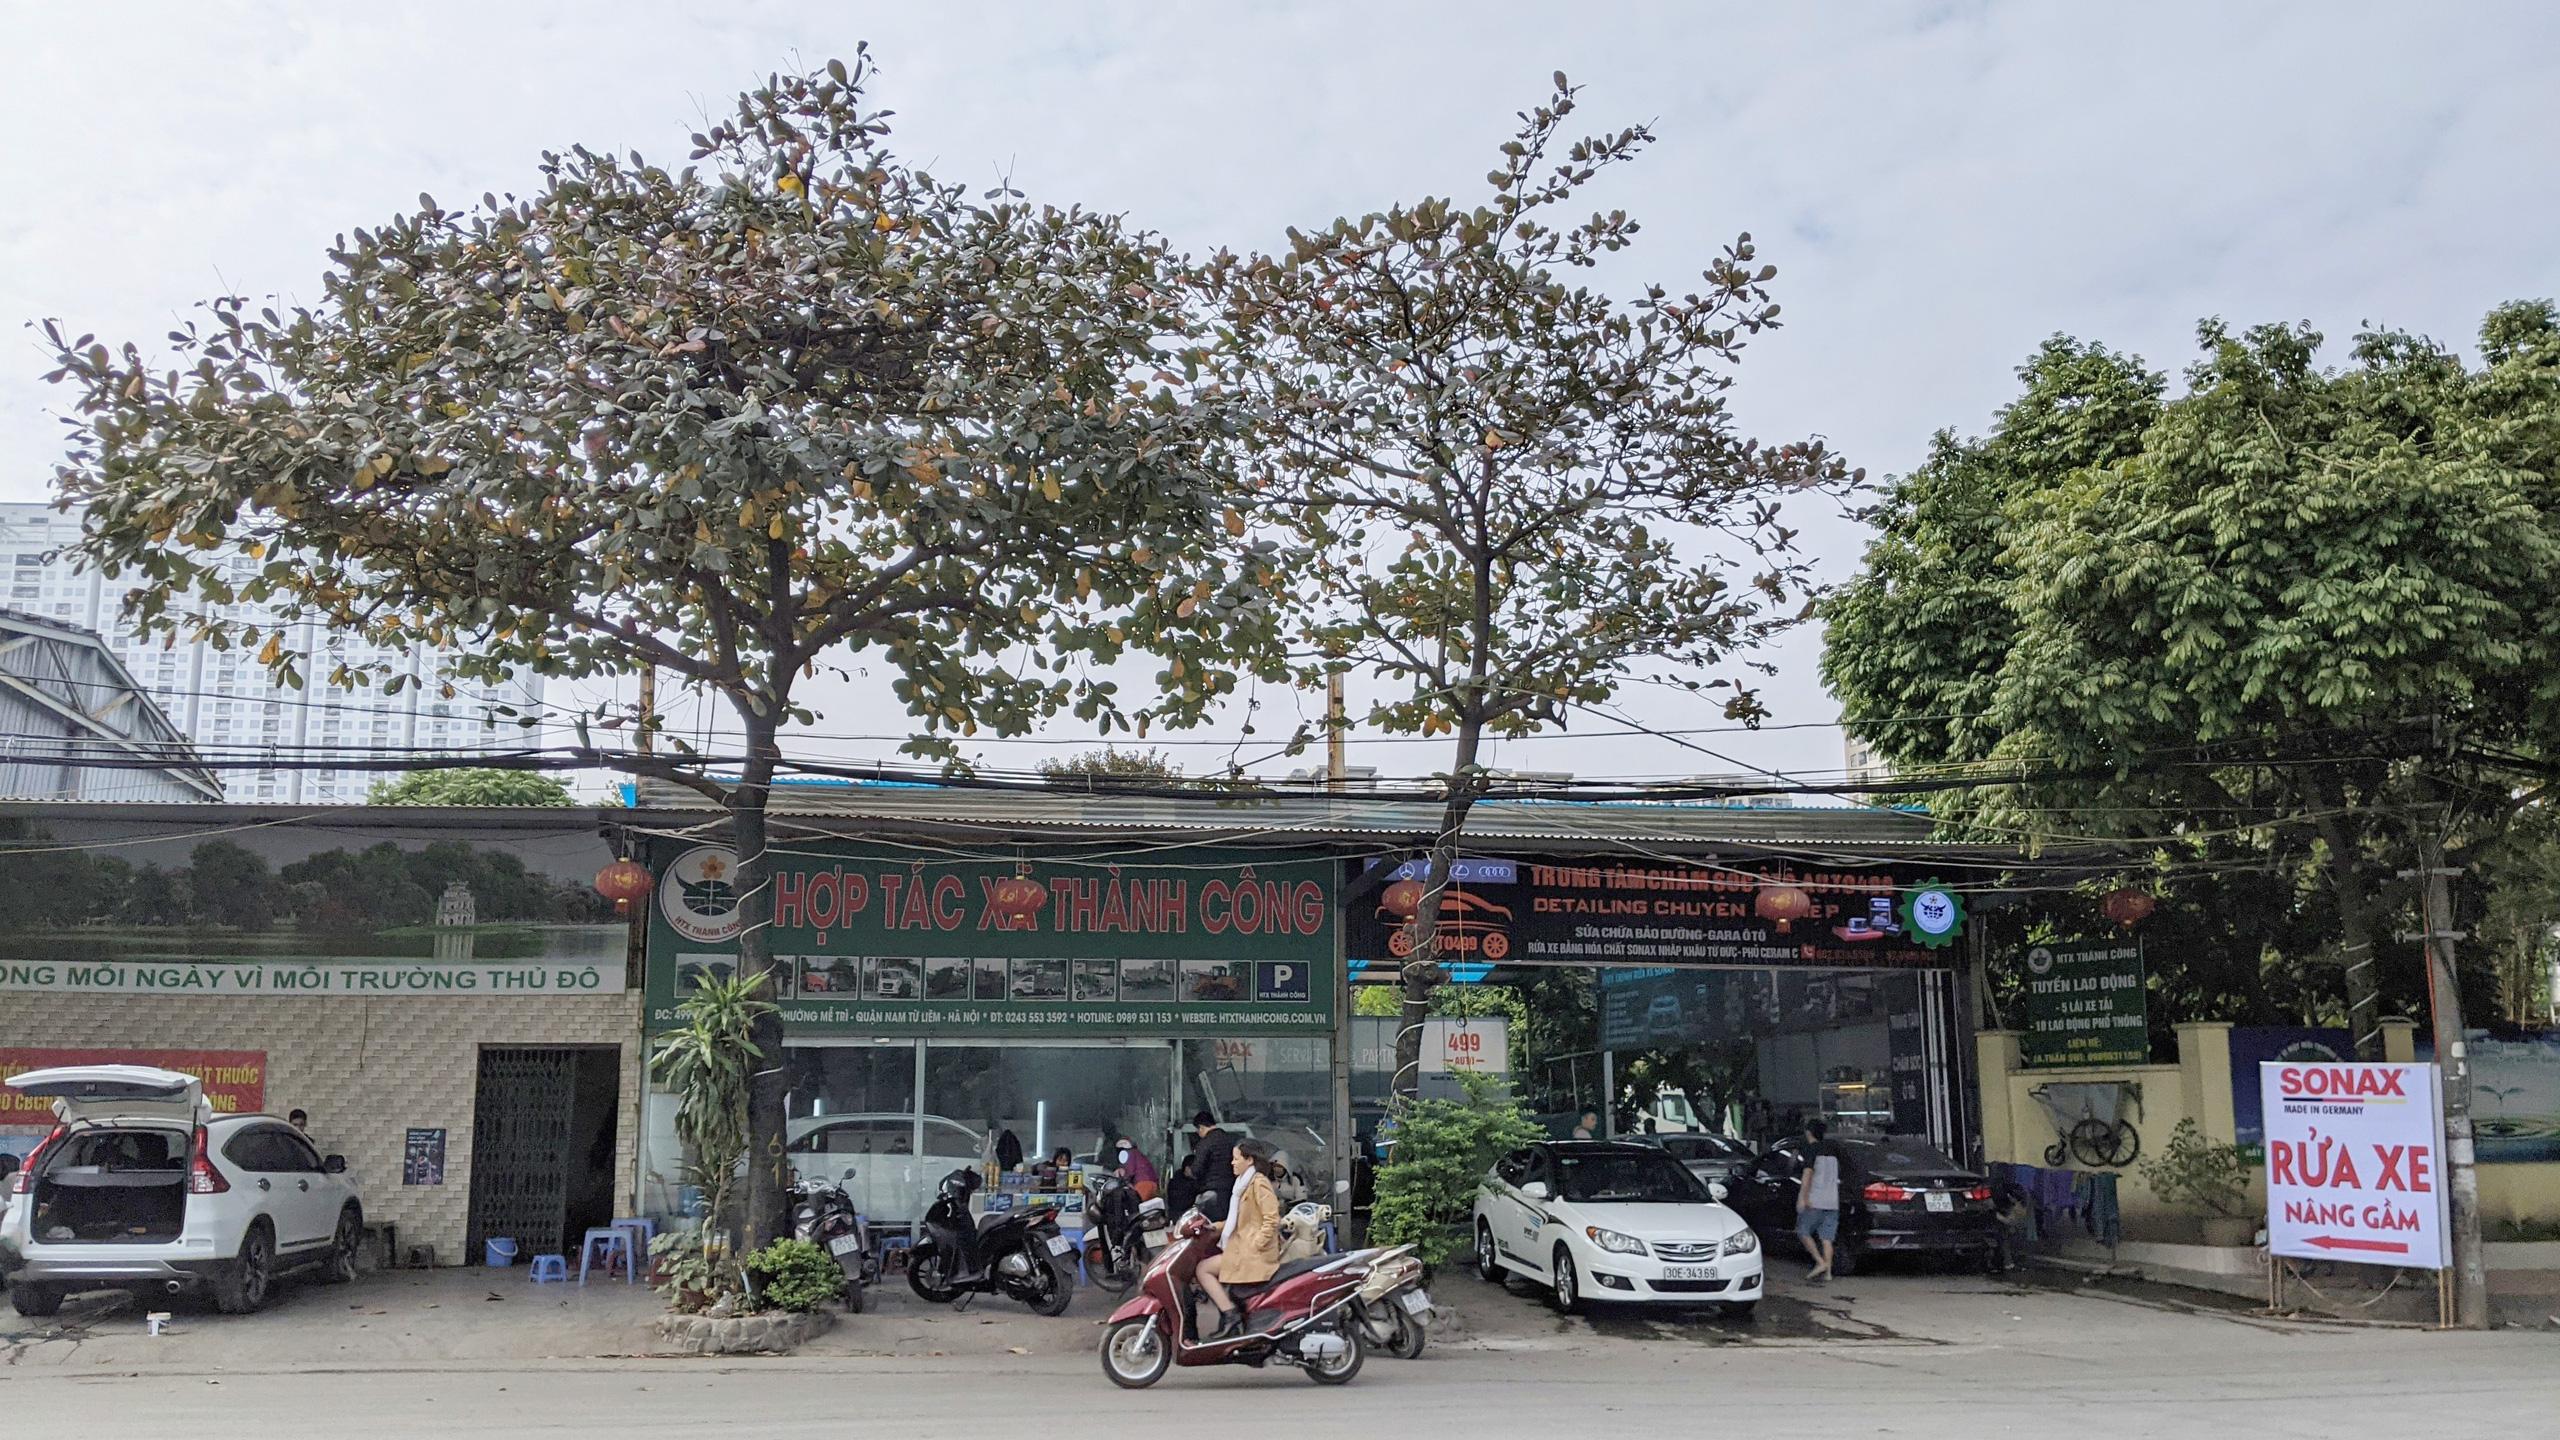 Đất dính quy hoạch phường Mễ Trì, Nam Từ Liêm, Hà Nội - Ảnh 10.